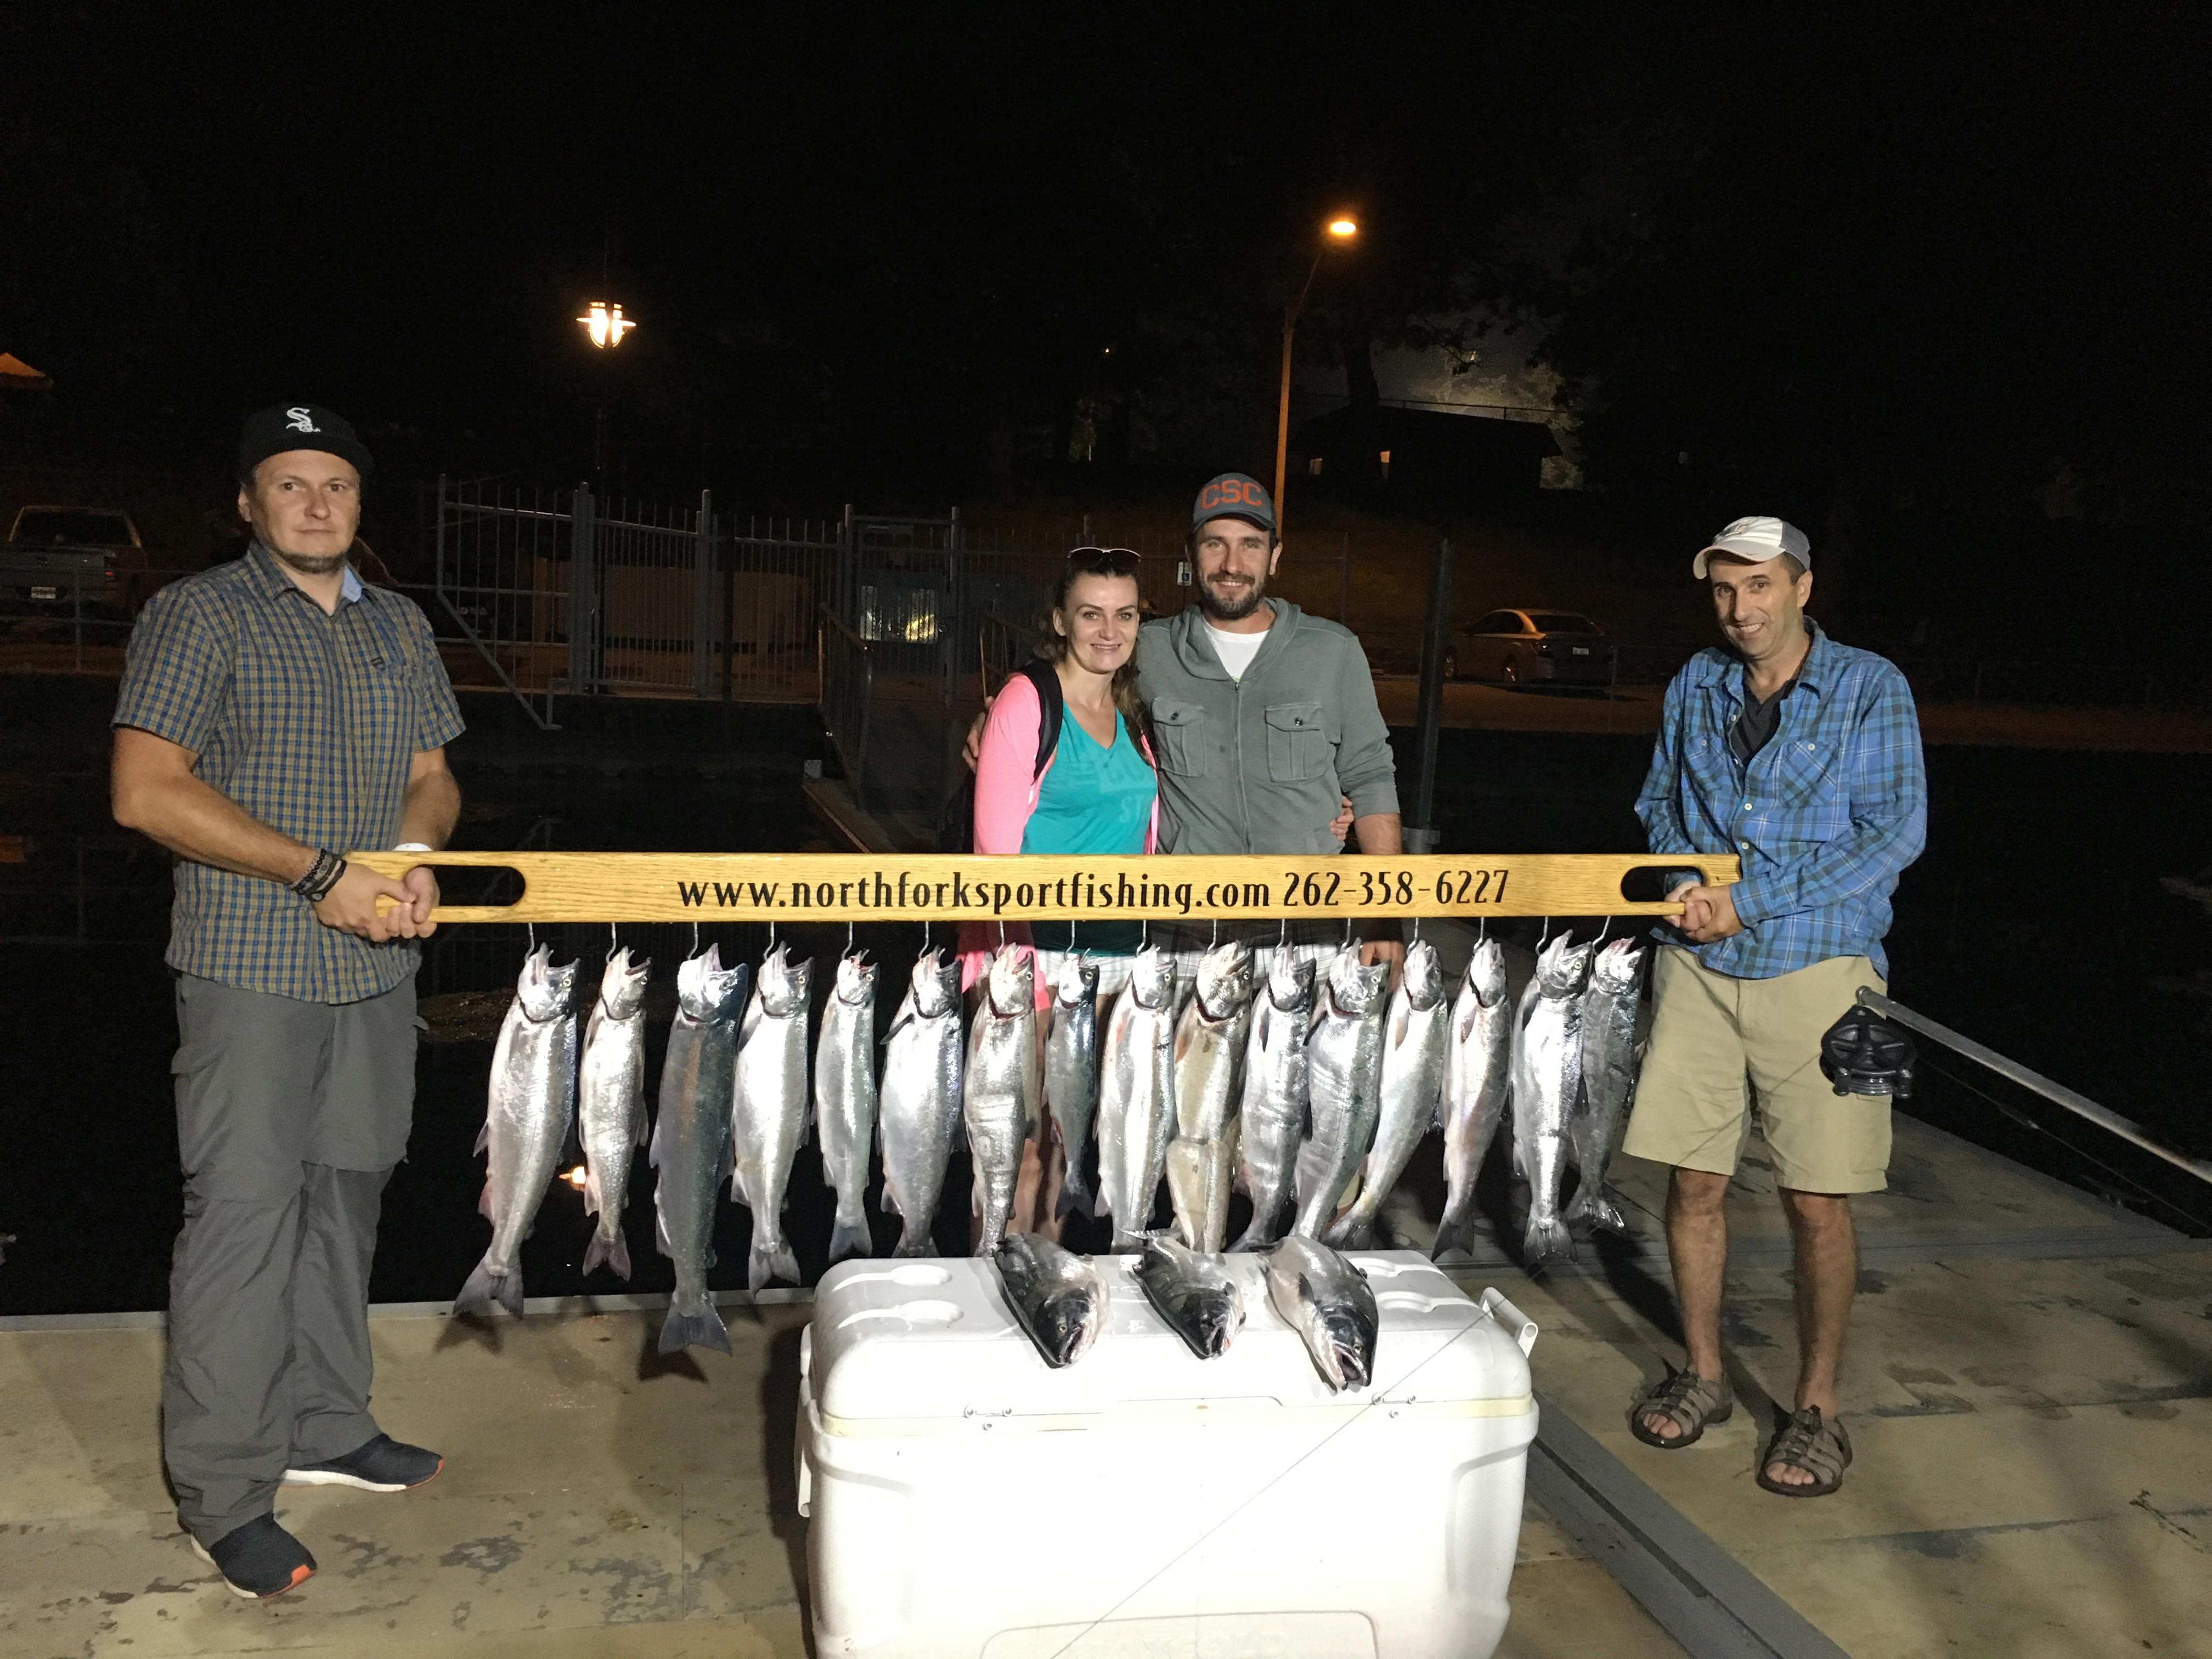 evening-fishing-trip-kenosha